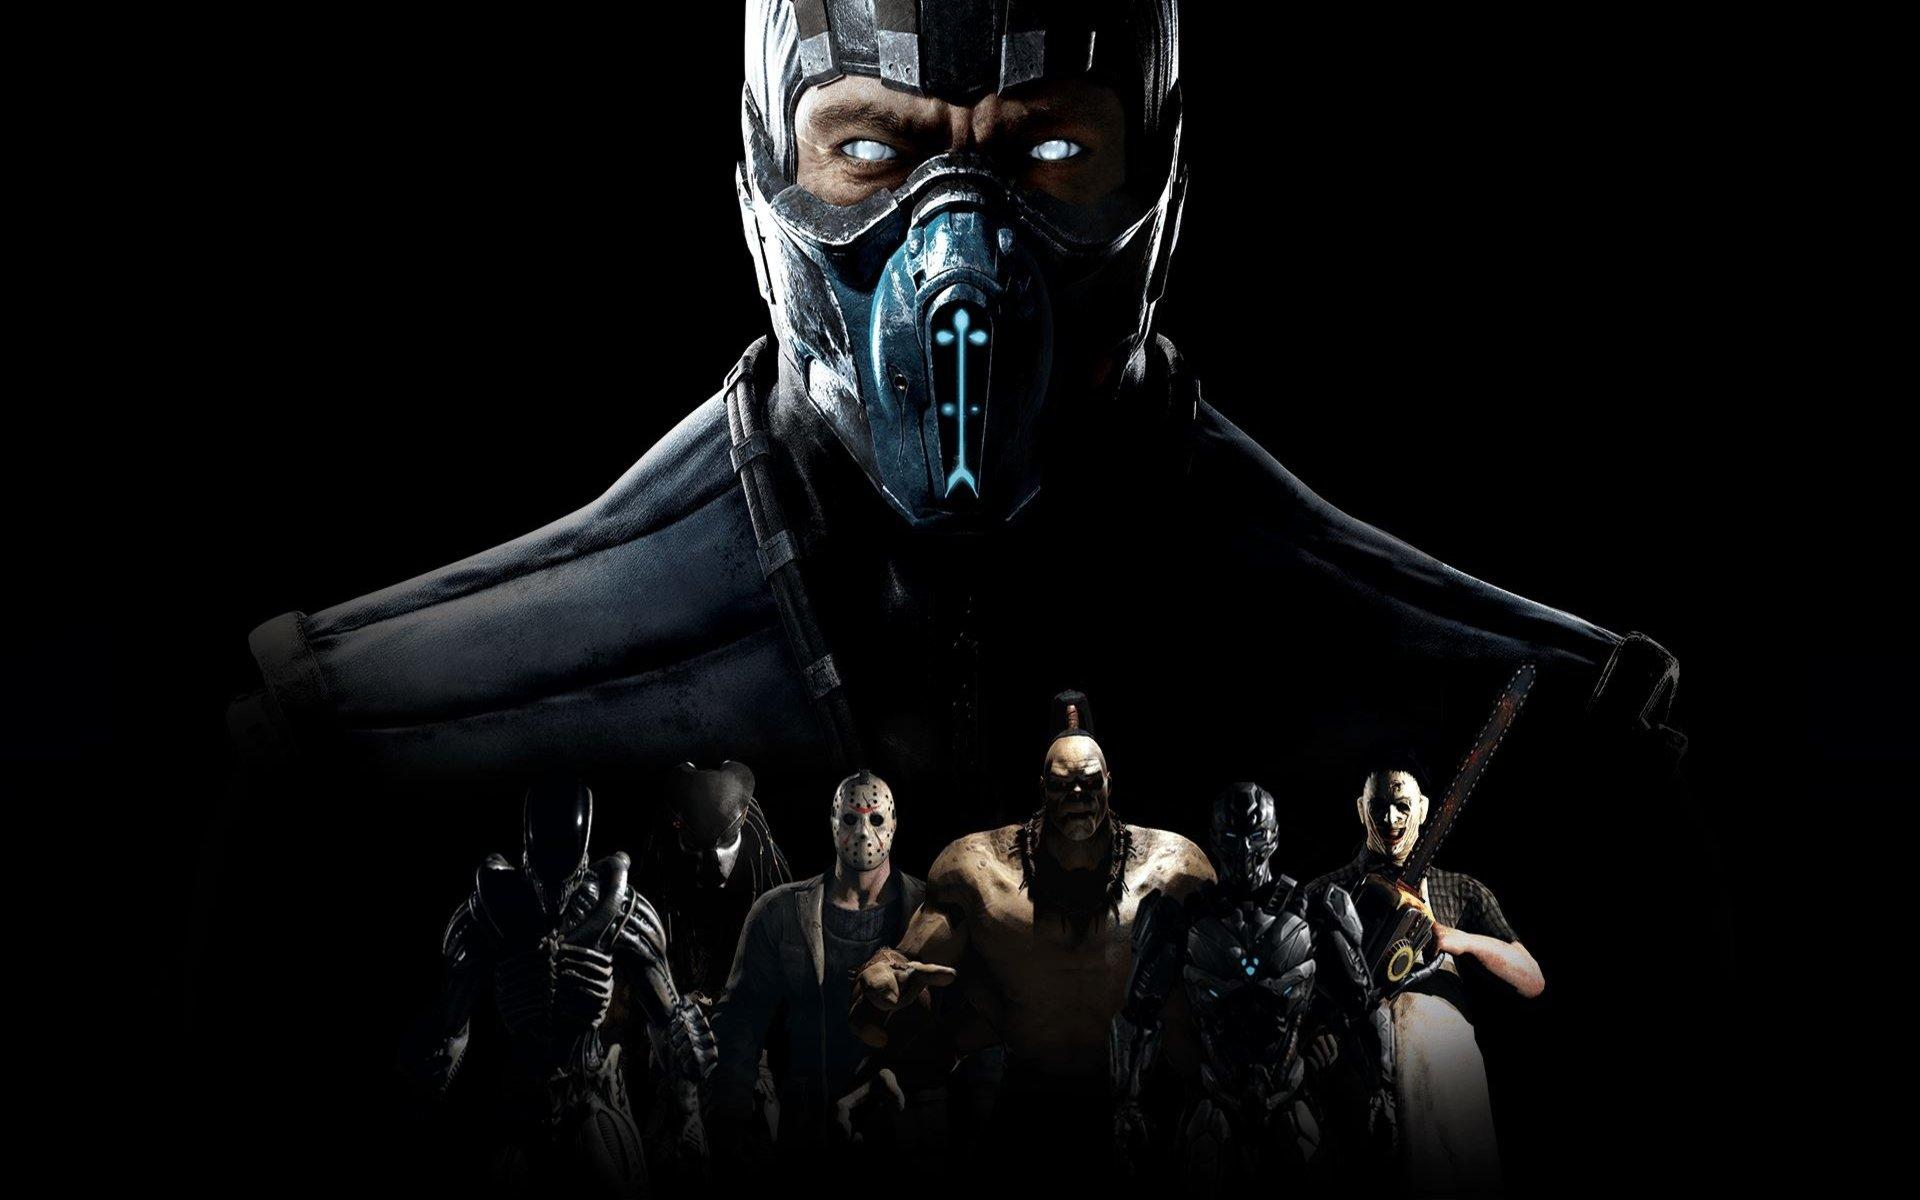 Mortal Kombat: in sviluppo un lungometraggio animato?